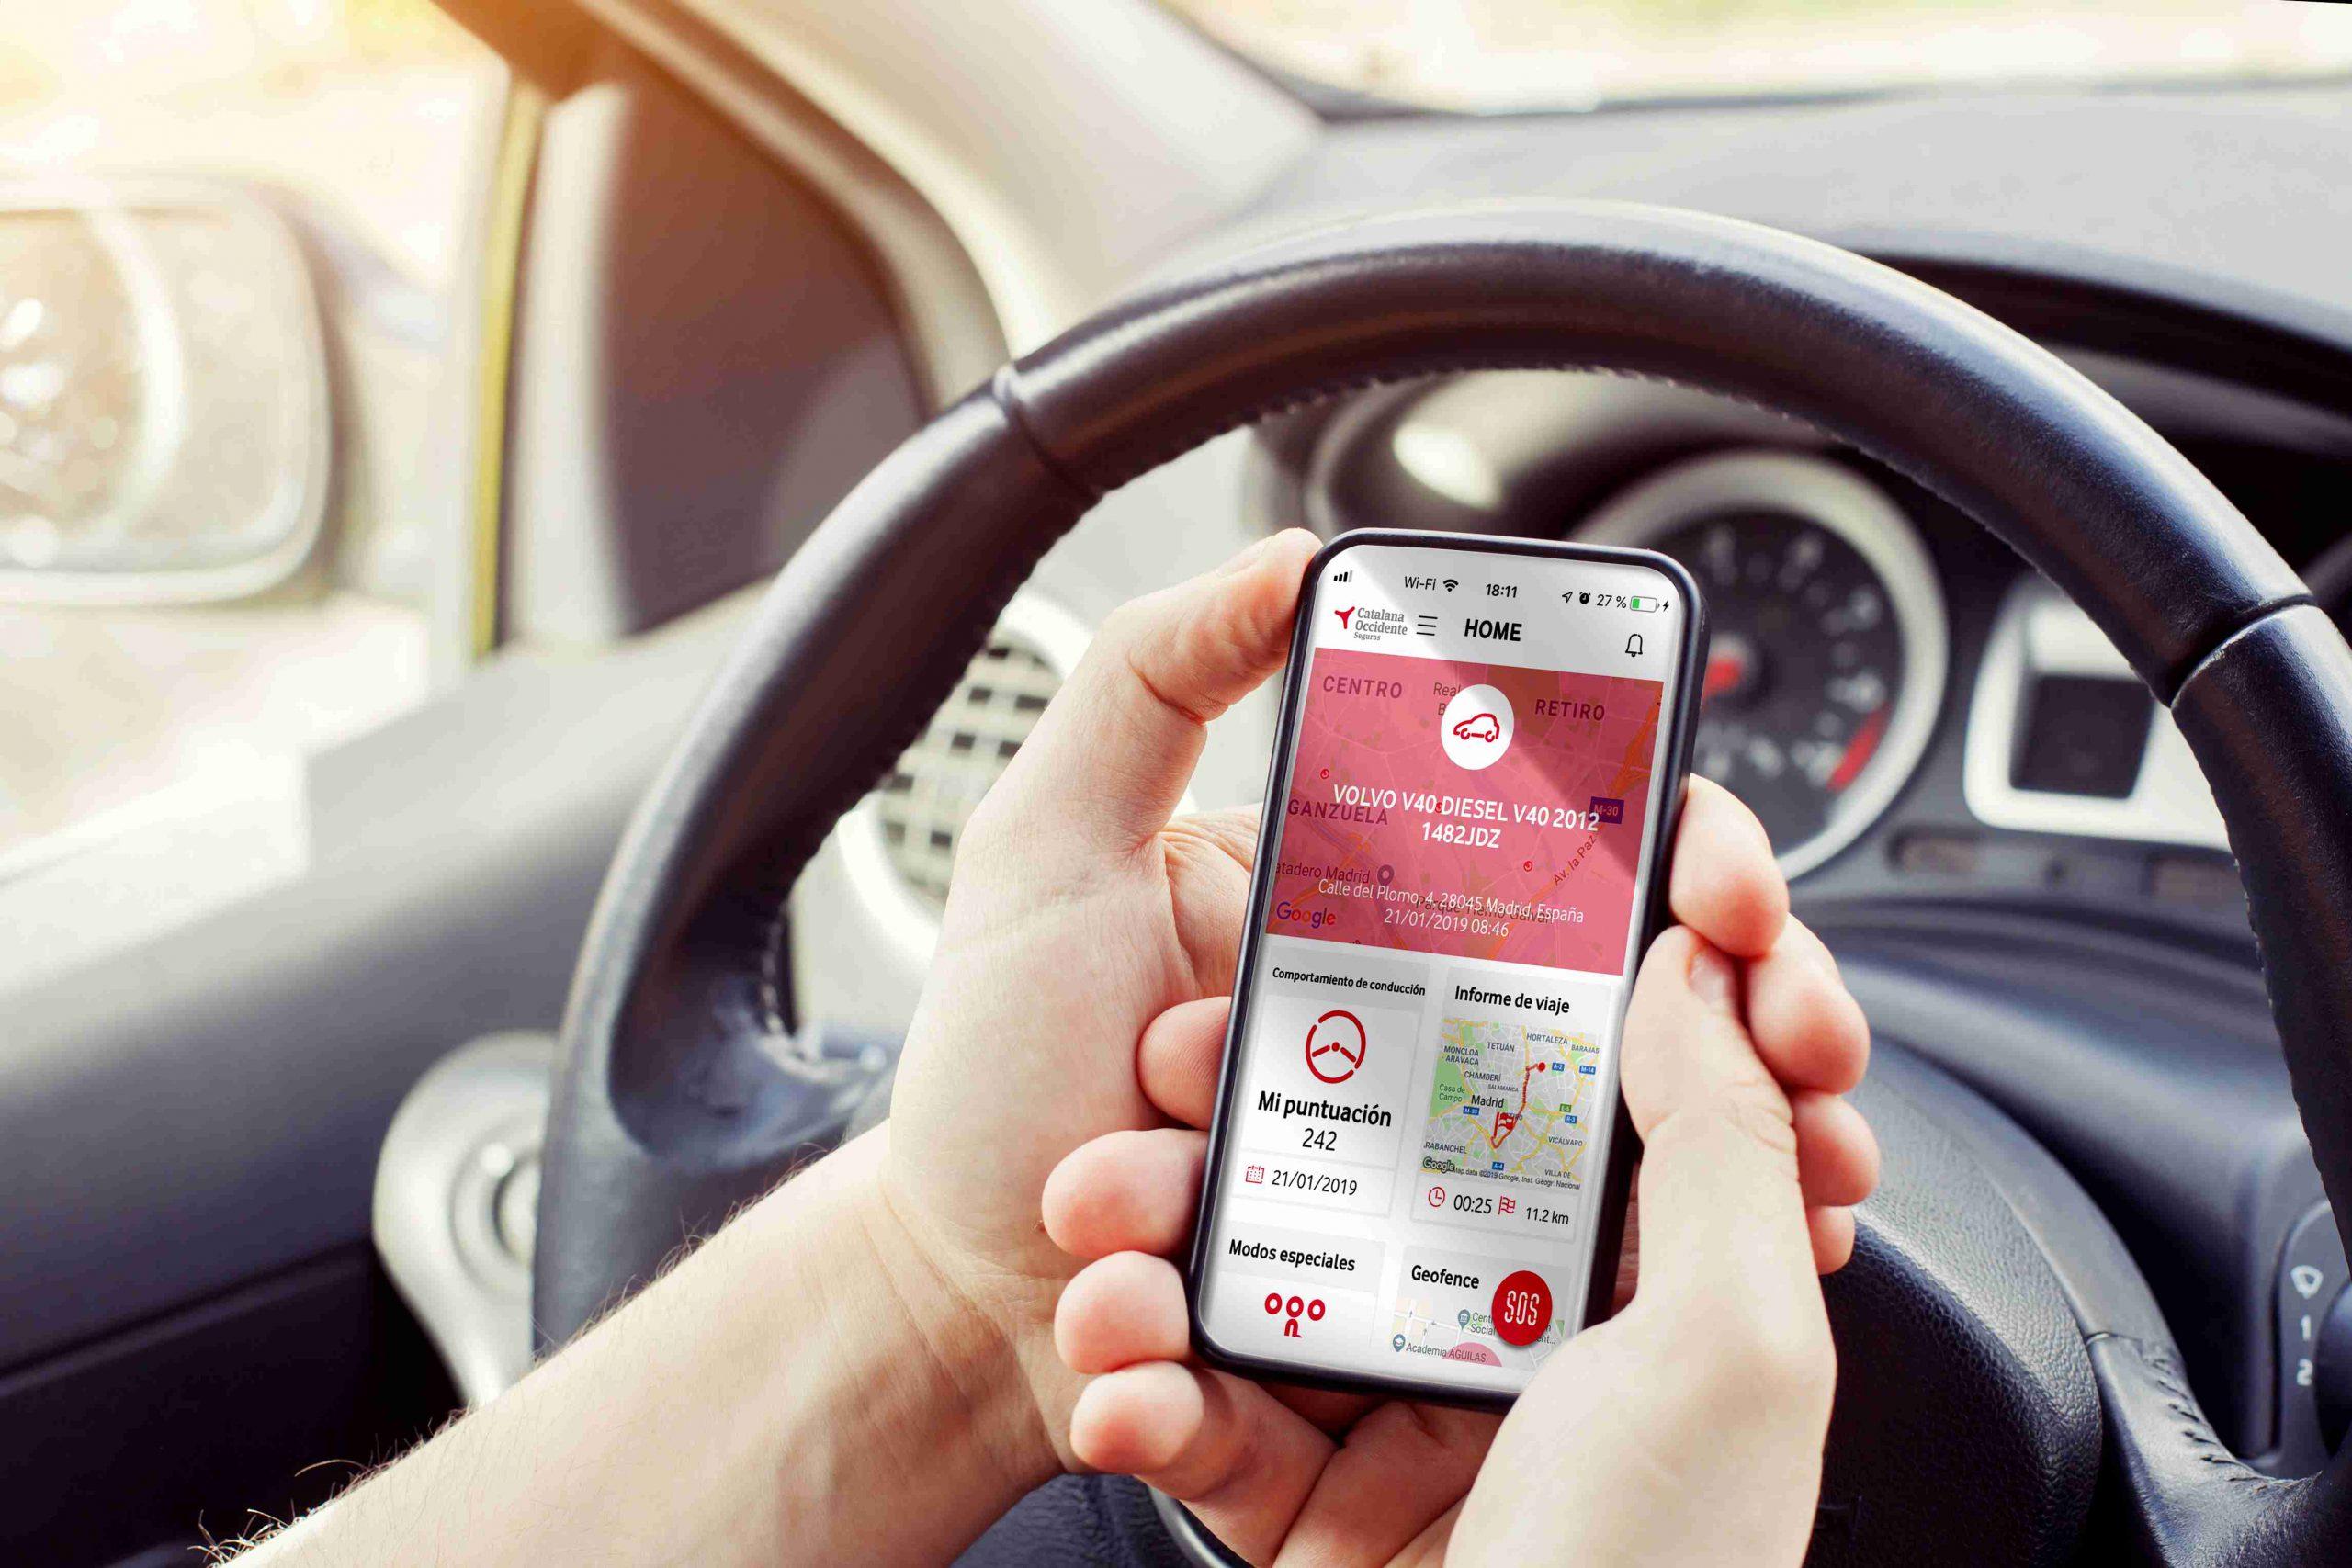 Catalana Occidente seguros de coche conectado noticias de seguros